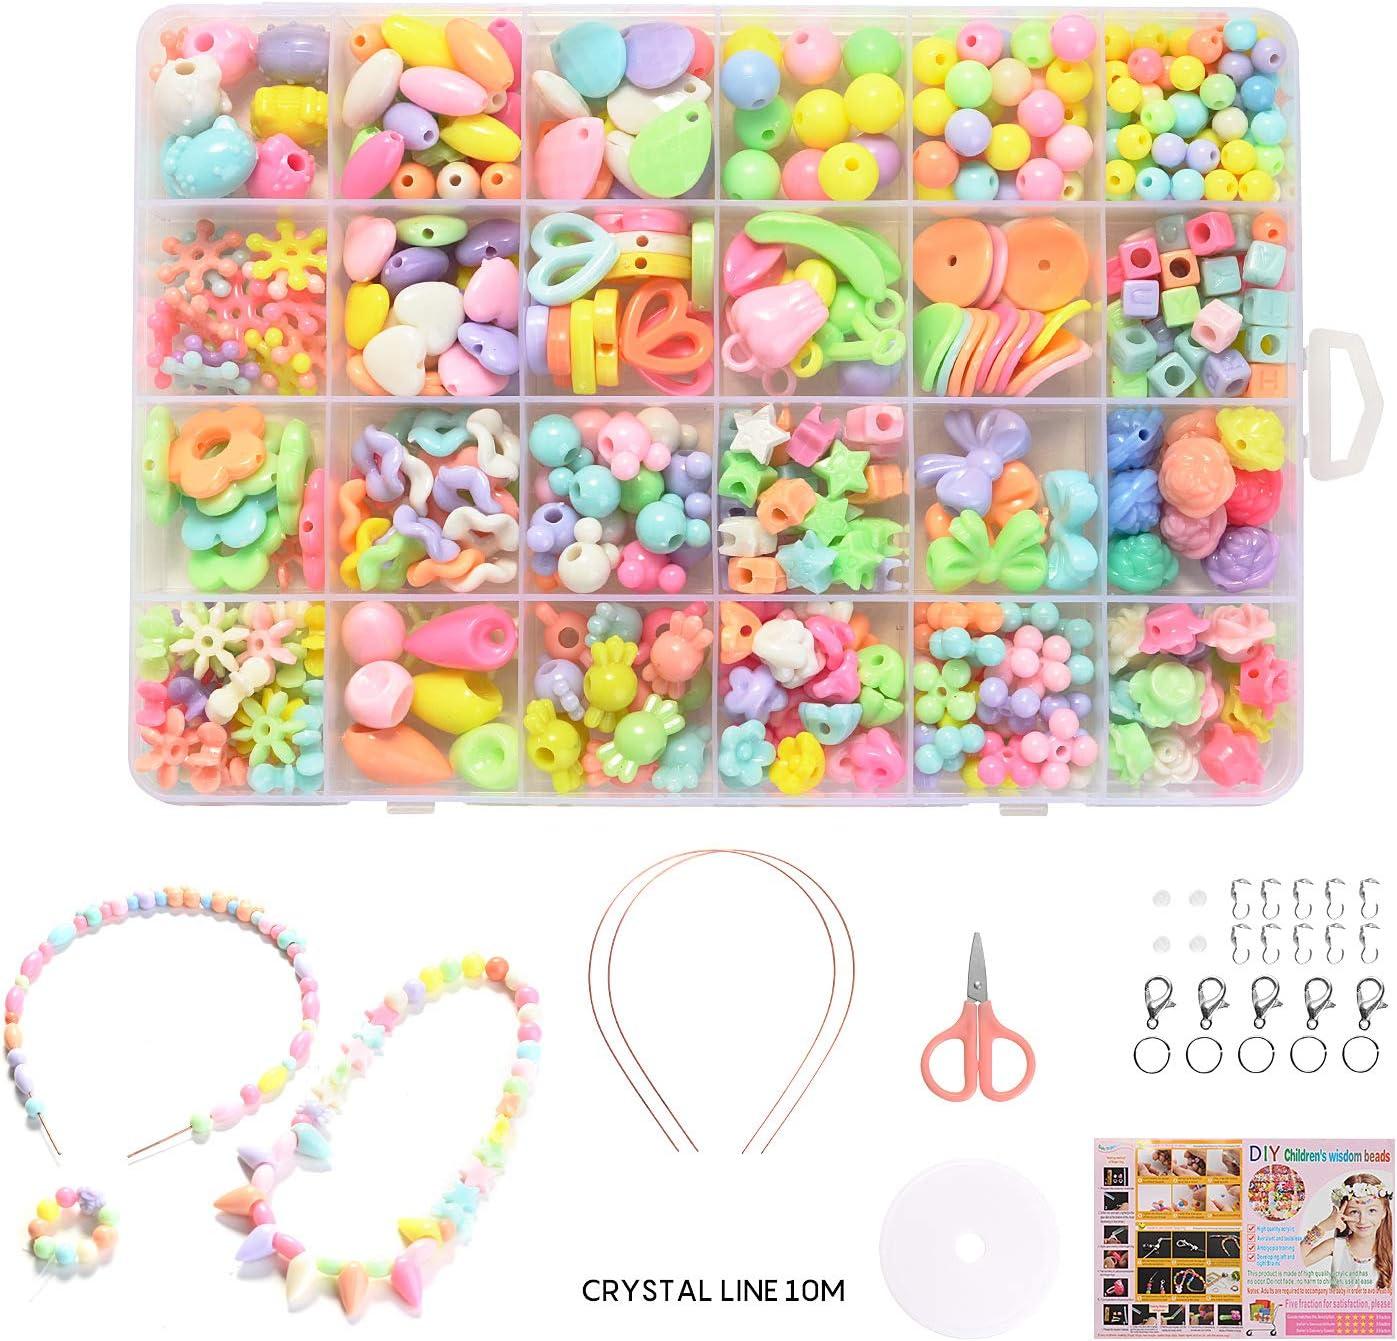 24 Clases Niños Bricolaje Conjunto de Cuentas, Niños DIY Set de Perlas, Cuentas para la Fabricación de Joyas para Niños, Colores Piedras para Niña Regalo Pulsera DIY Haciendo Kit (macarrón)